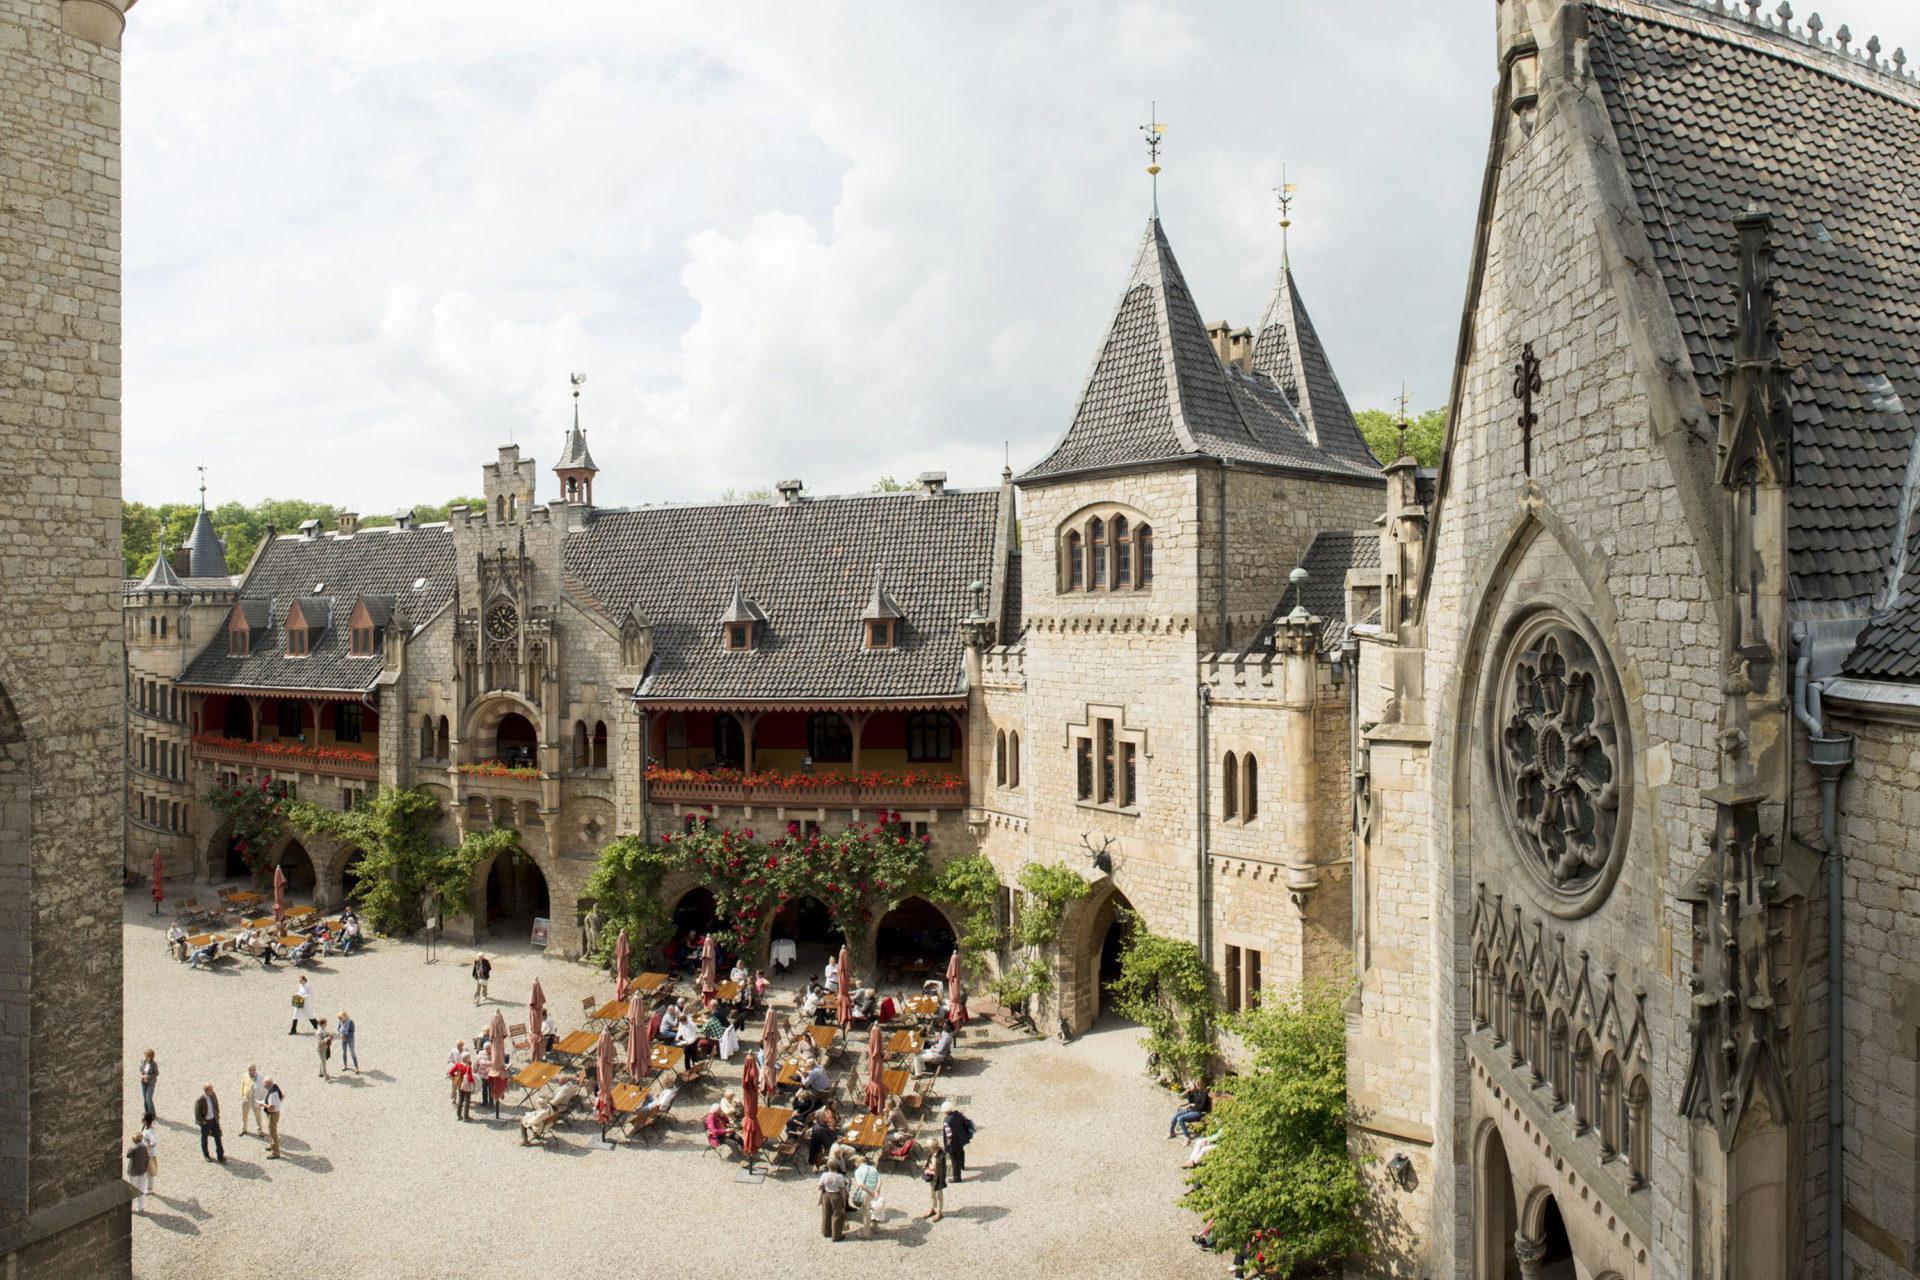 Innenhof mit Außenterrasse Schloss Marienburg